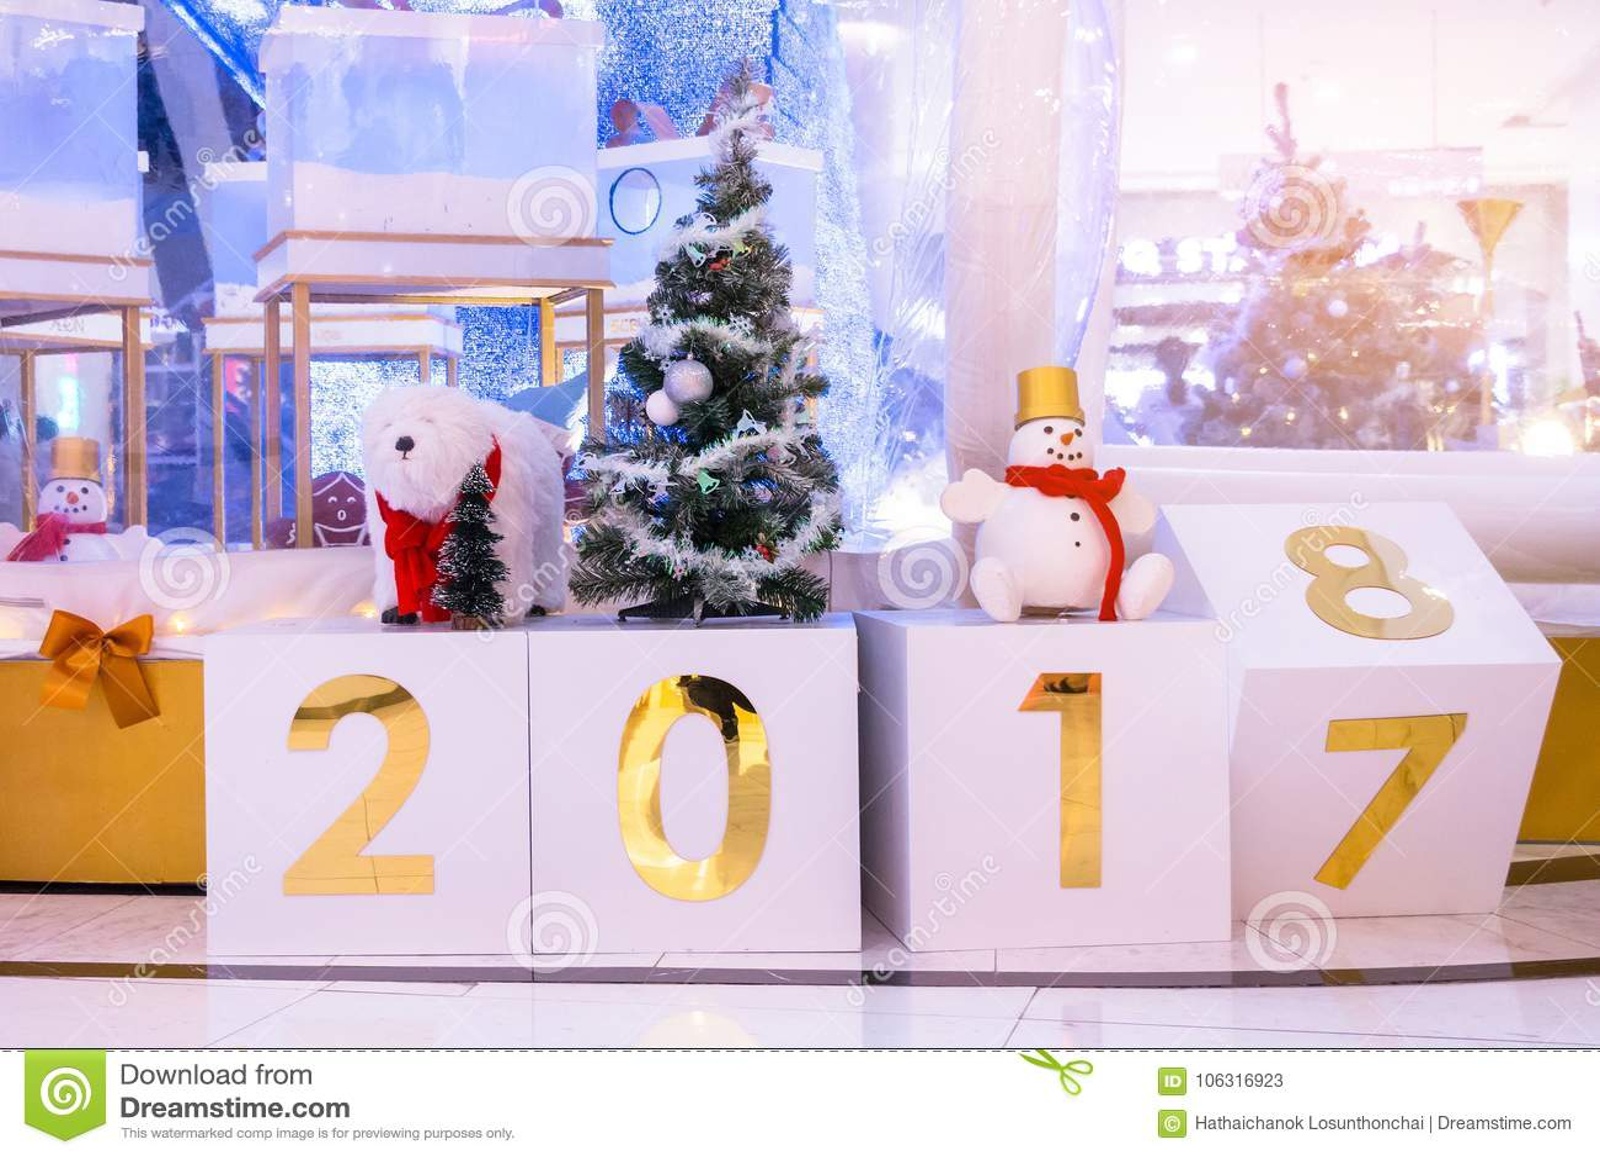 Kalenderänderung Bis 2018 Atmosphärisches Weihnachts- Und Des Neuen ...